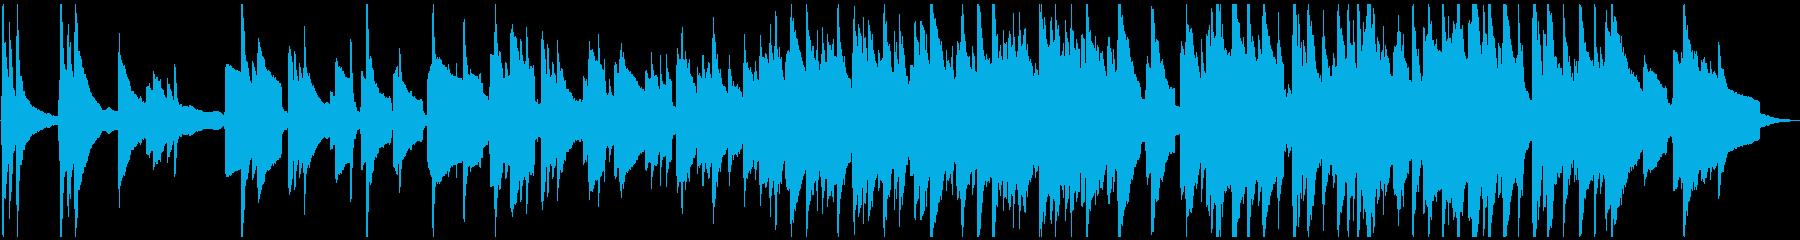 ピアノとサックスのゆったりとした妖艶な曲の再生済みの波形